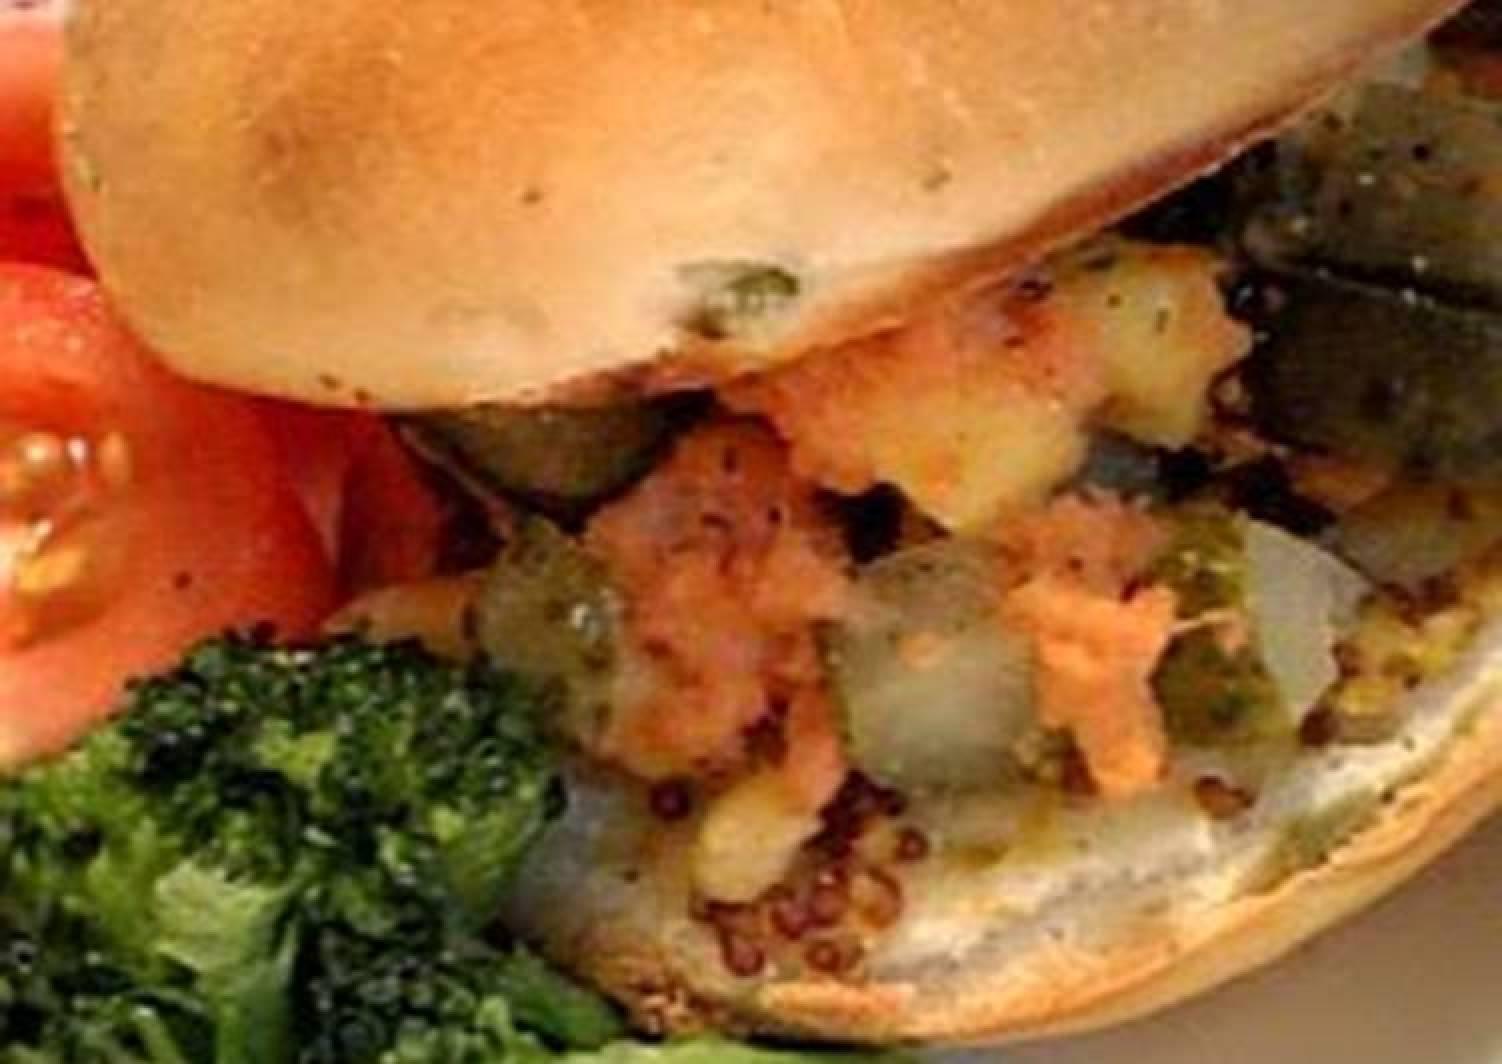 Cafe-style Bagel Sandwich